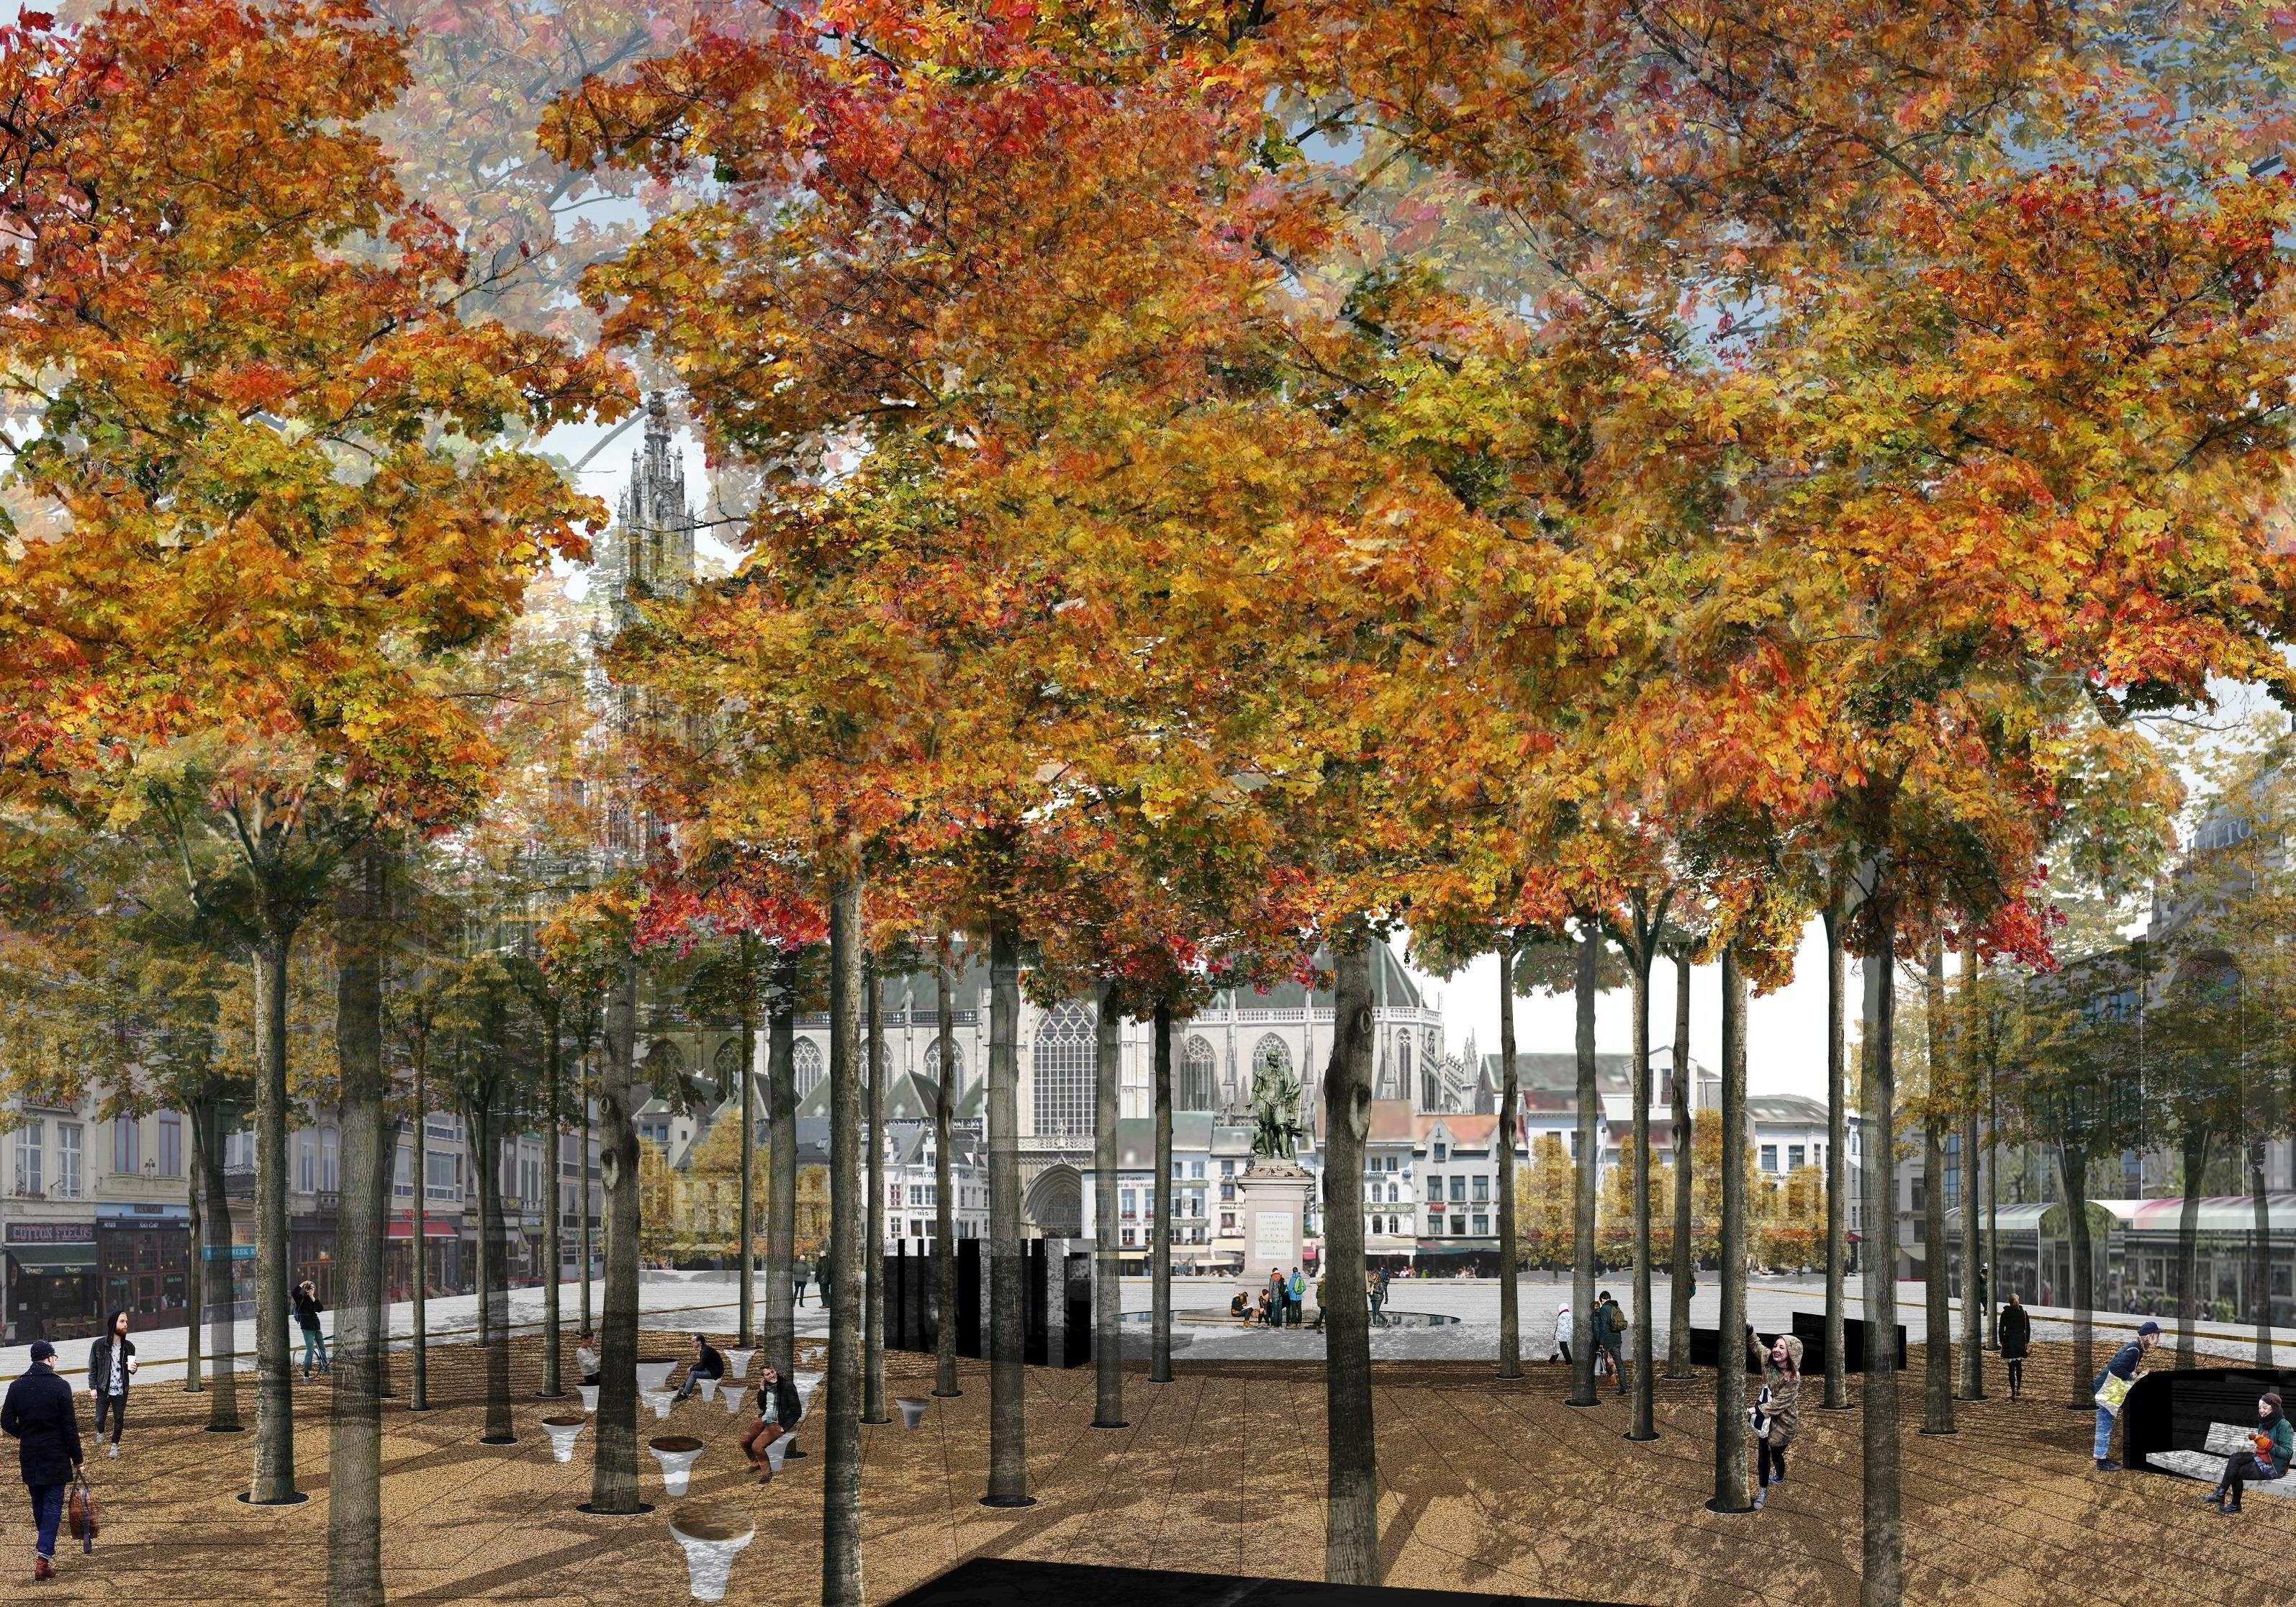 Volwaardige bomen vormen een onderdeel van de nieuwe Groenplaats